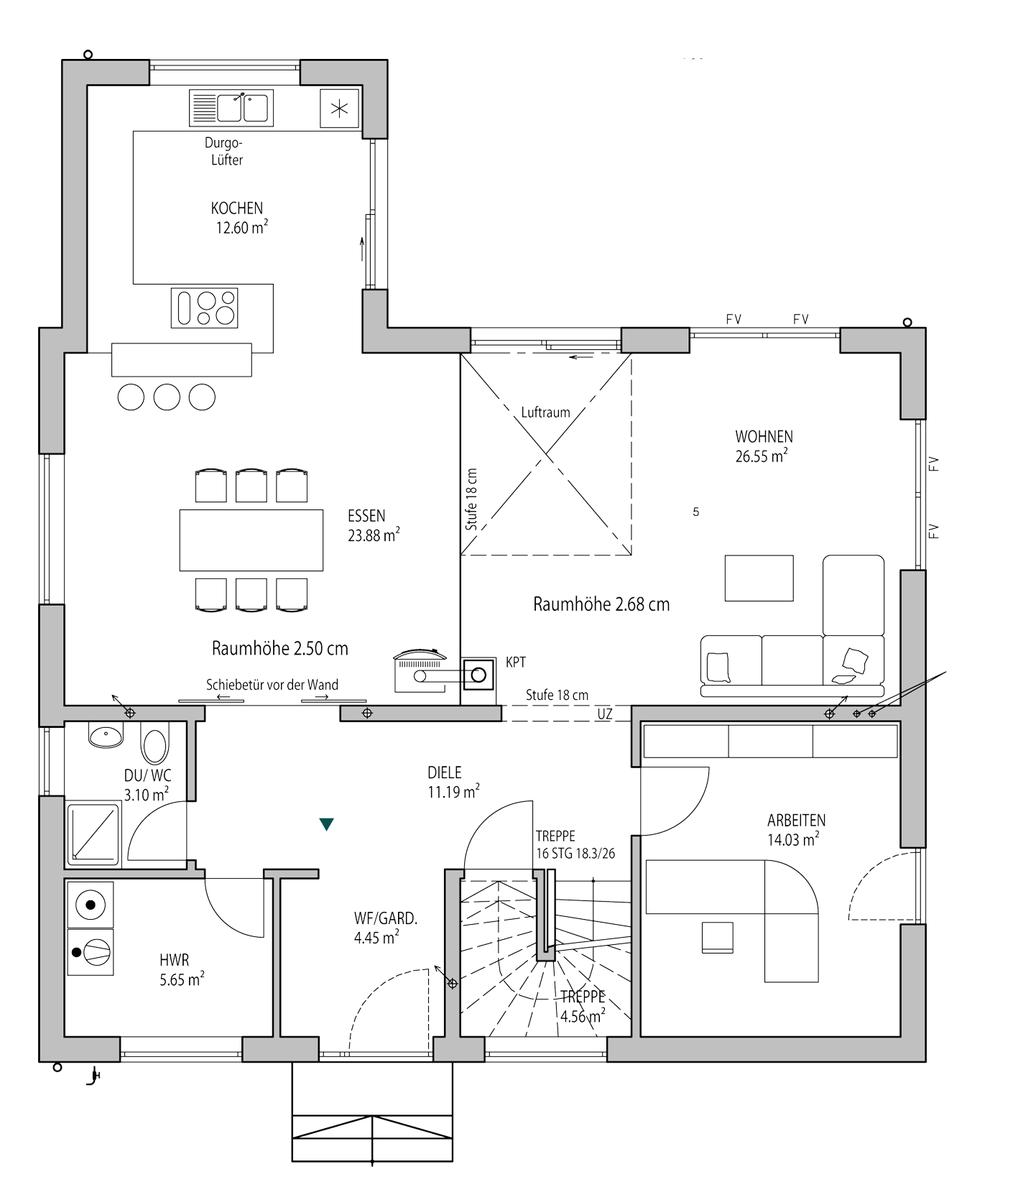 Grundriss stadtvilla 200 qm  Walmdach 179 Lux Haus | Grundrisse | Pinterest | Walmdach ...